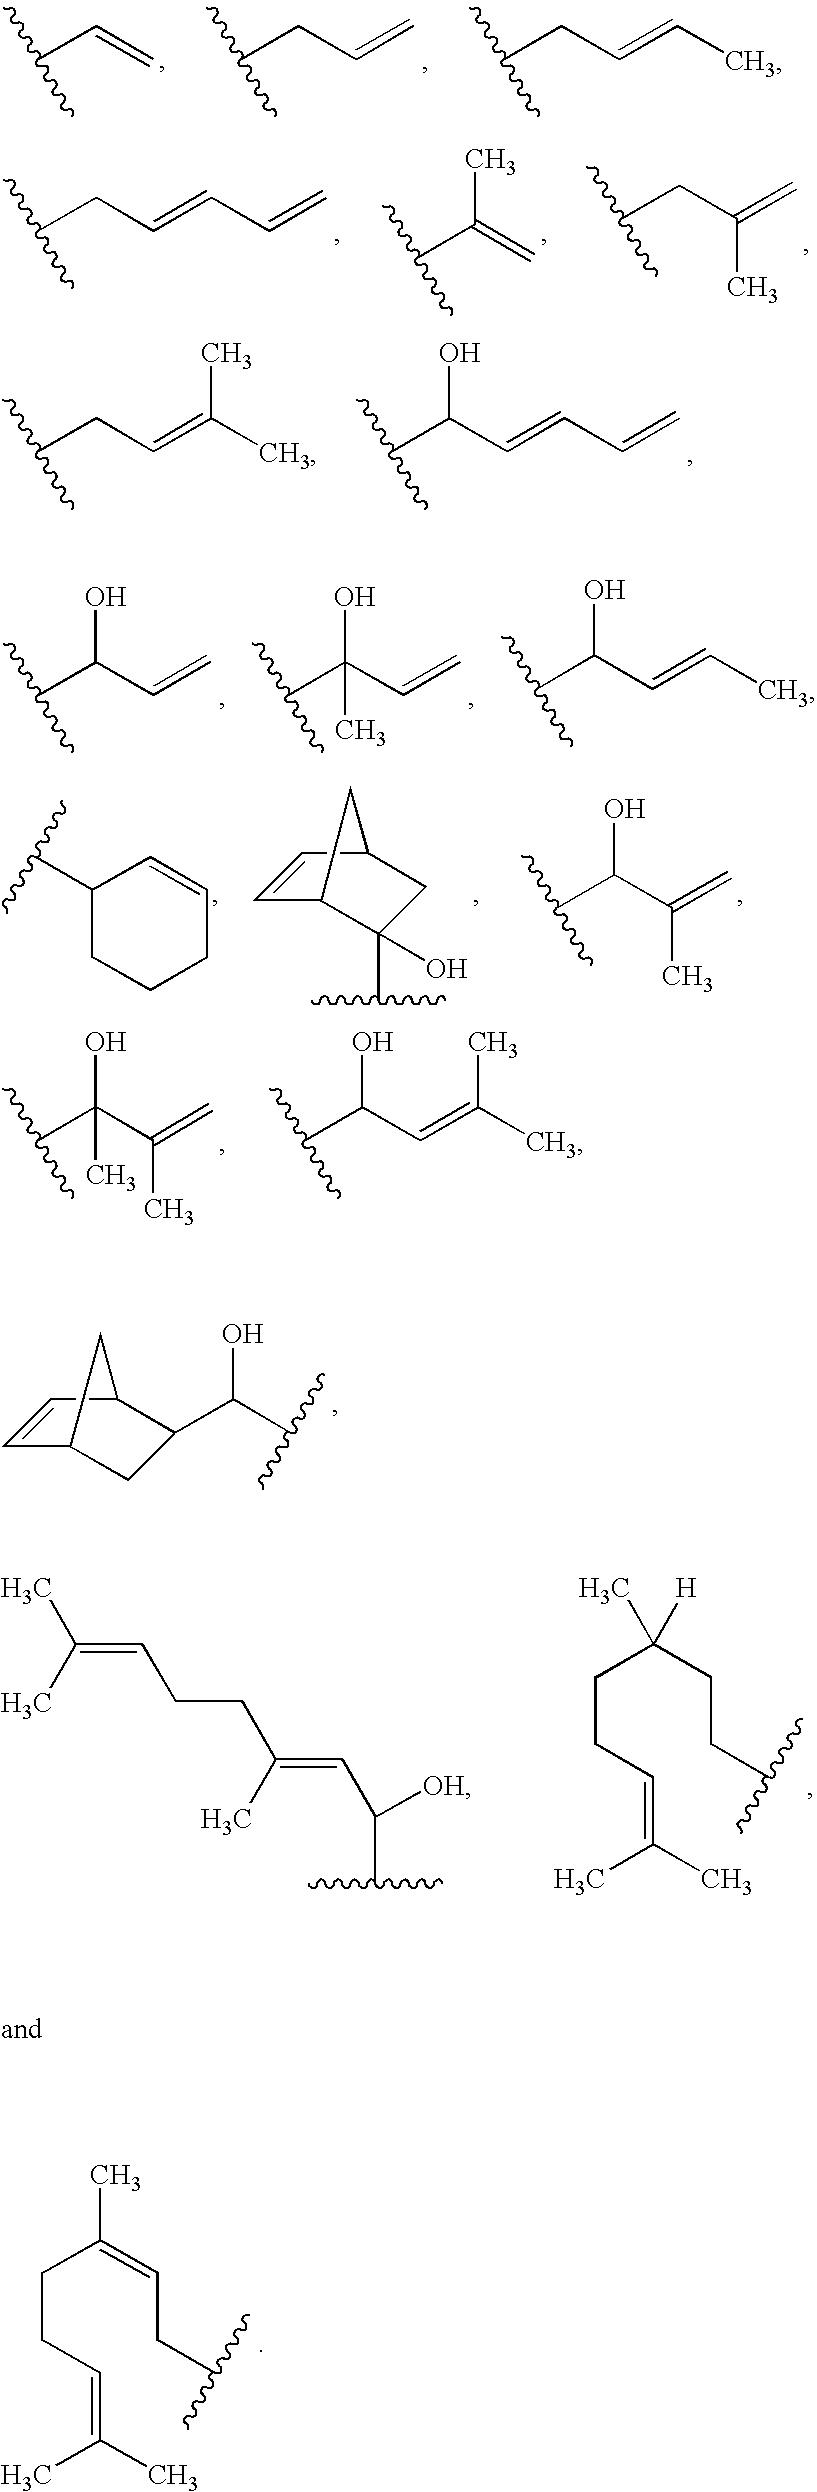 Figure US06716955-20040406-C00025